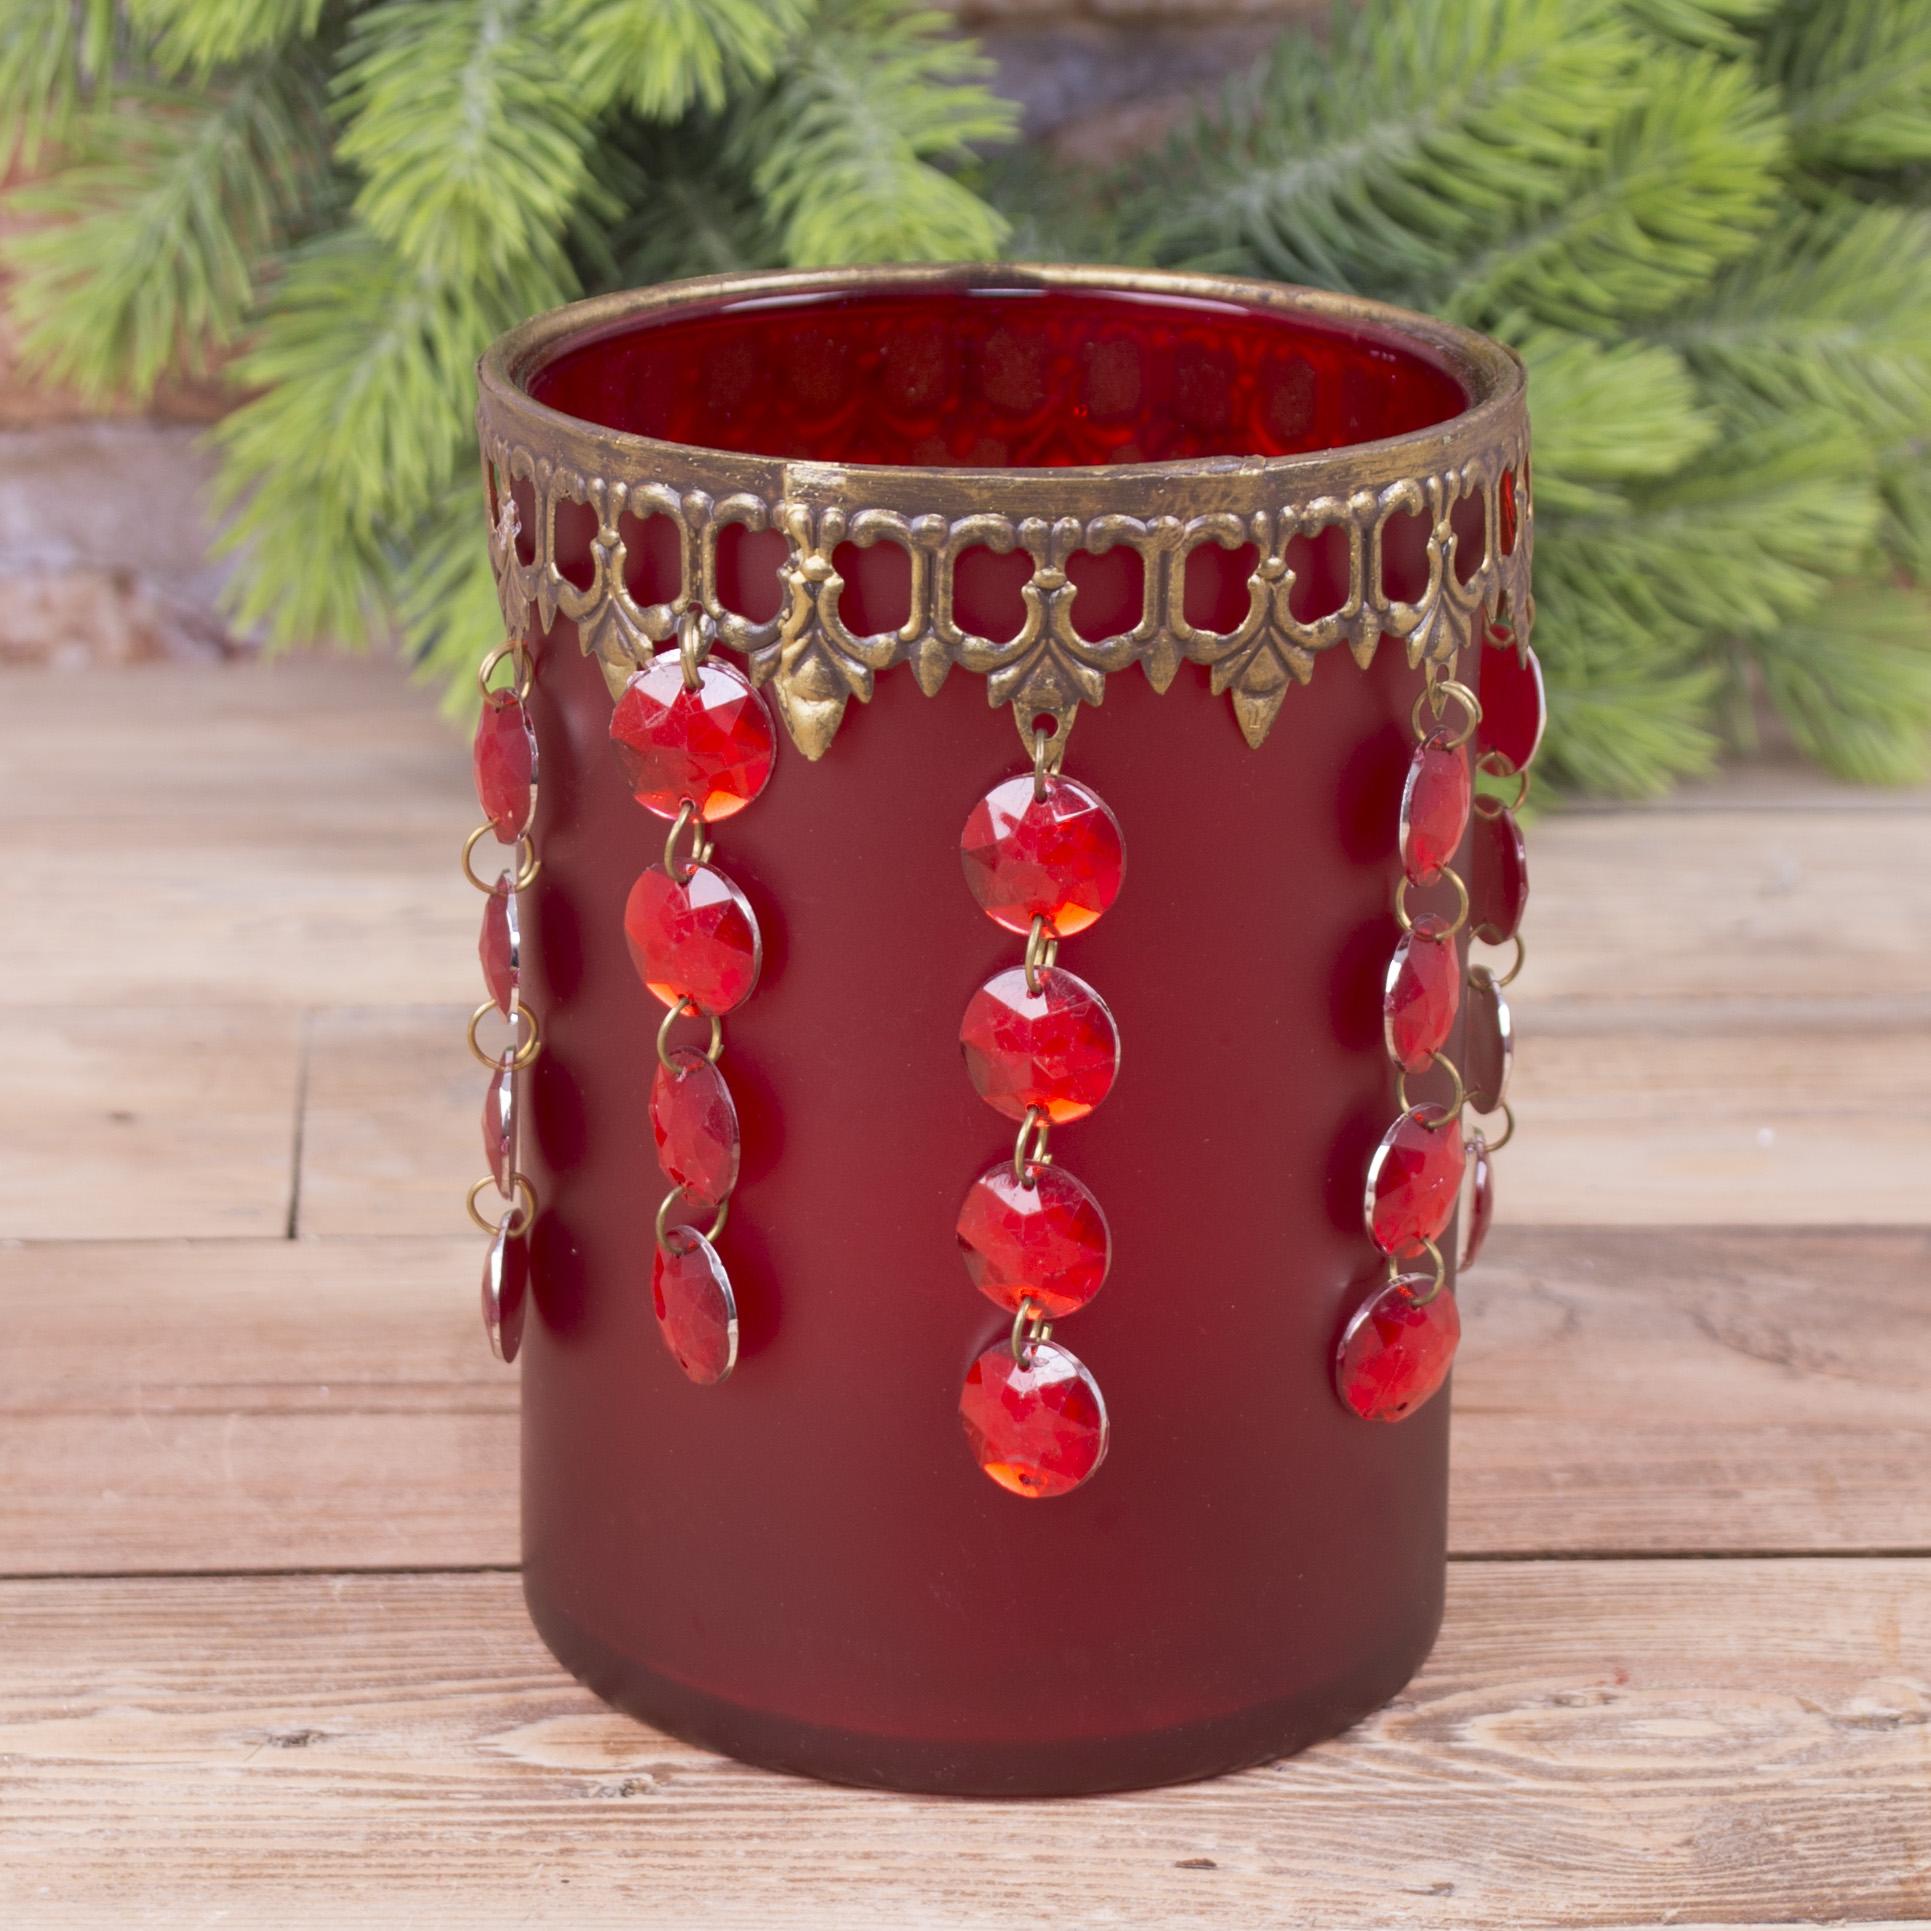 стеклянный подсвечник красный с висячими кристаллами (большой)